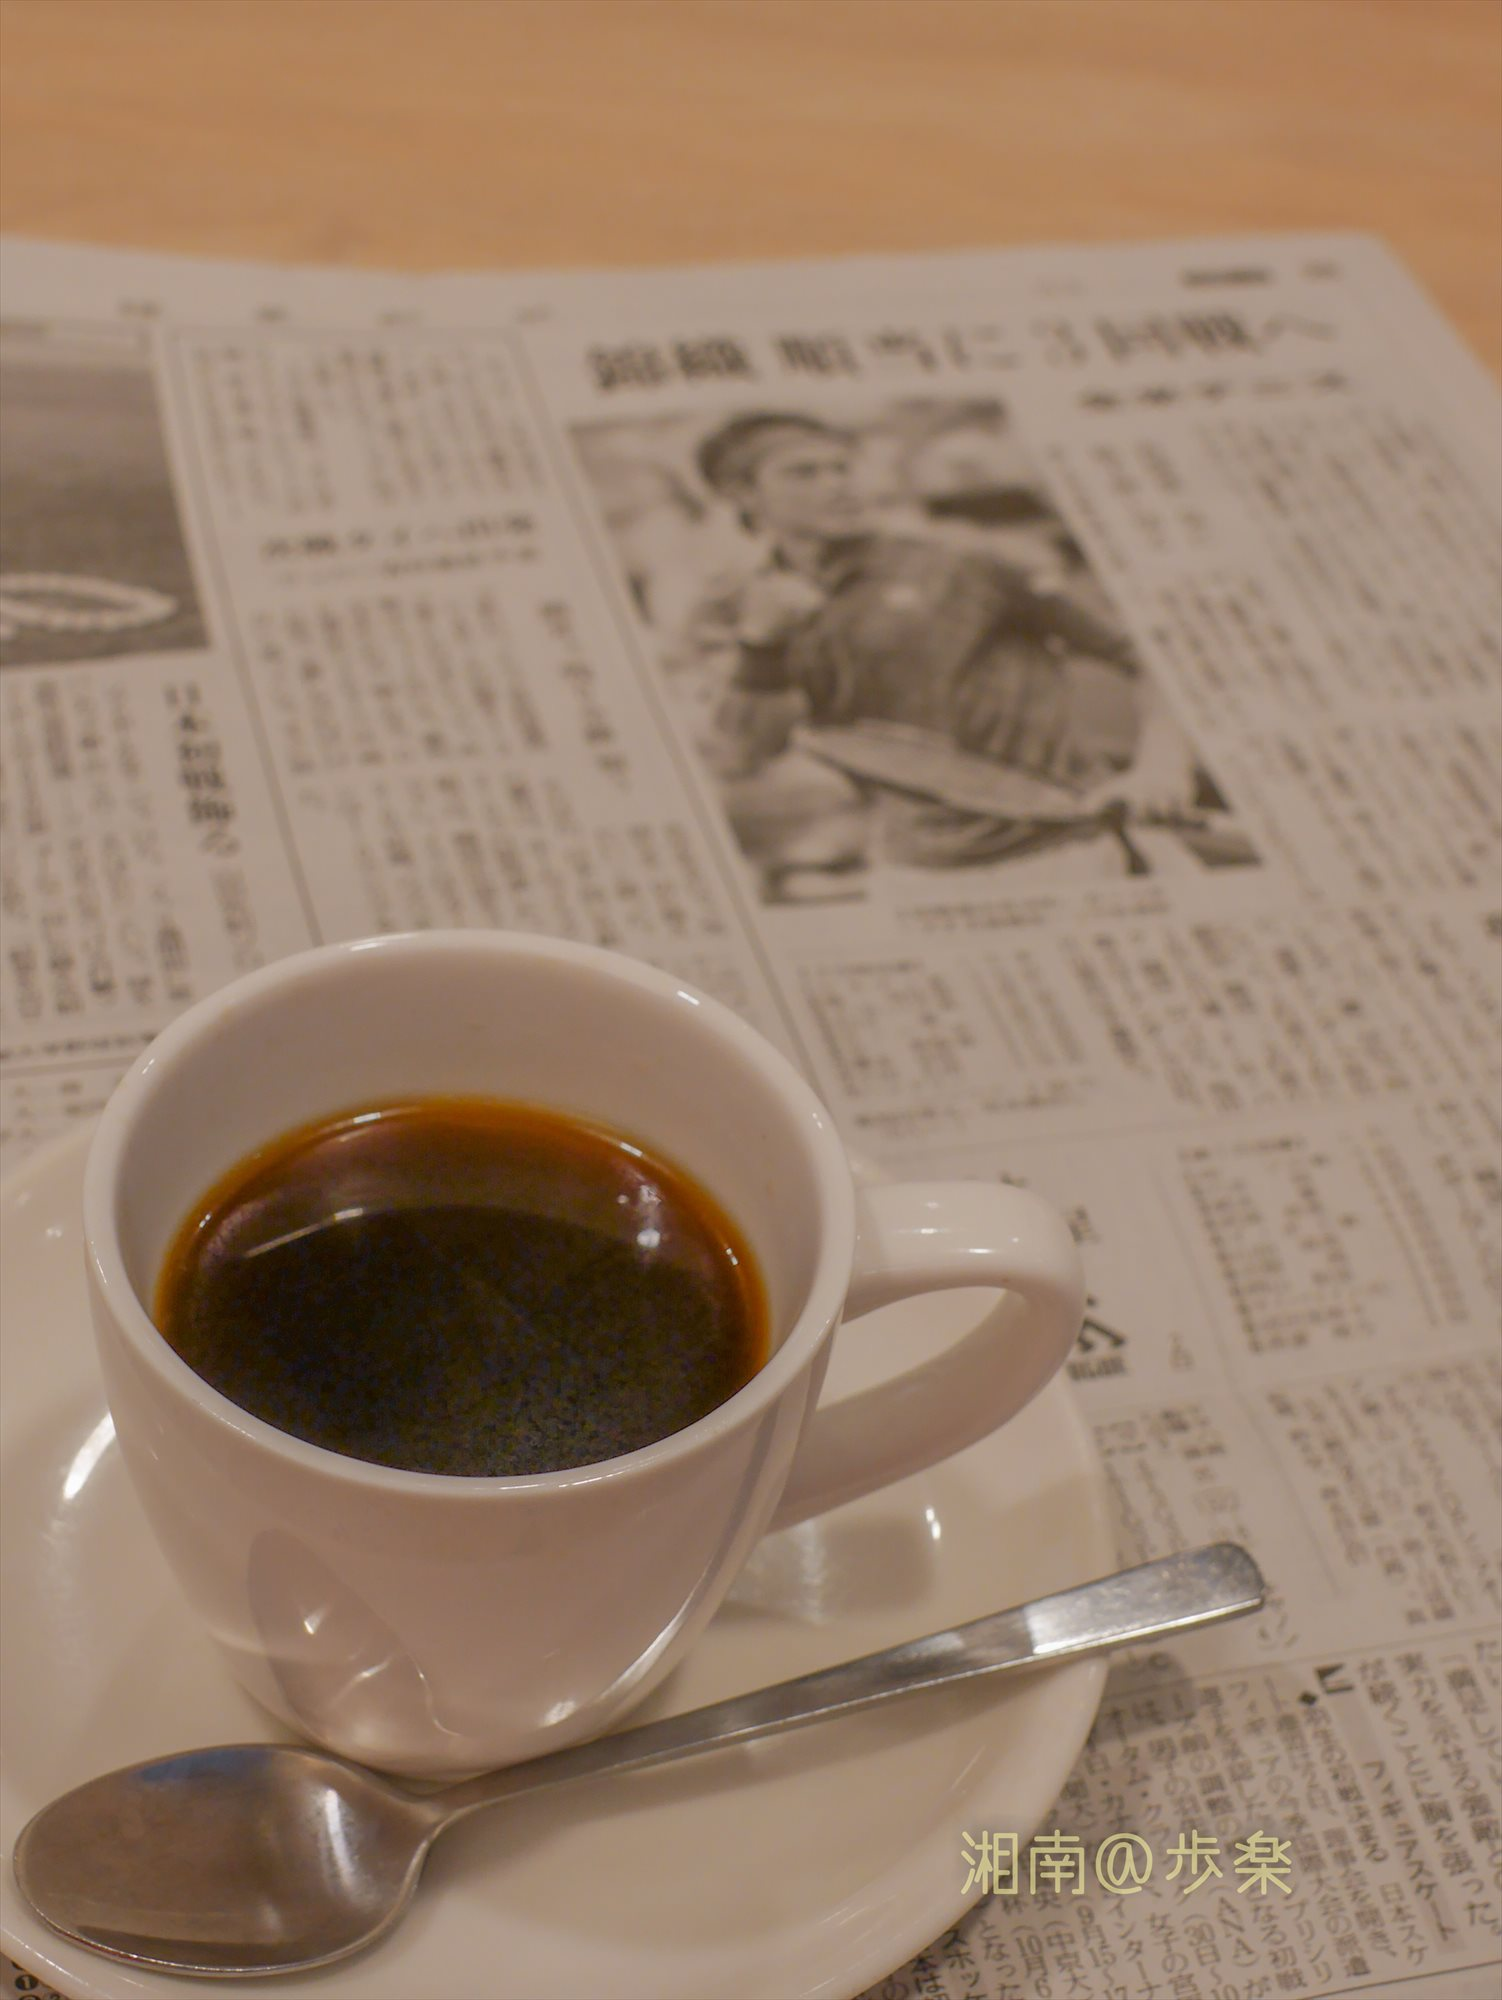 3回戦へ進んで、安堵のコーヒー